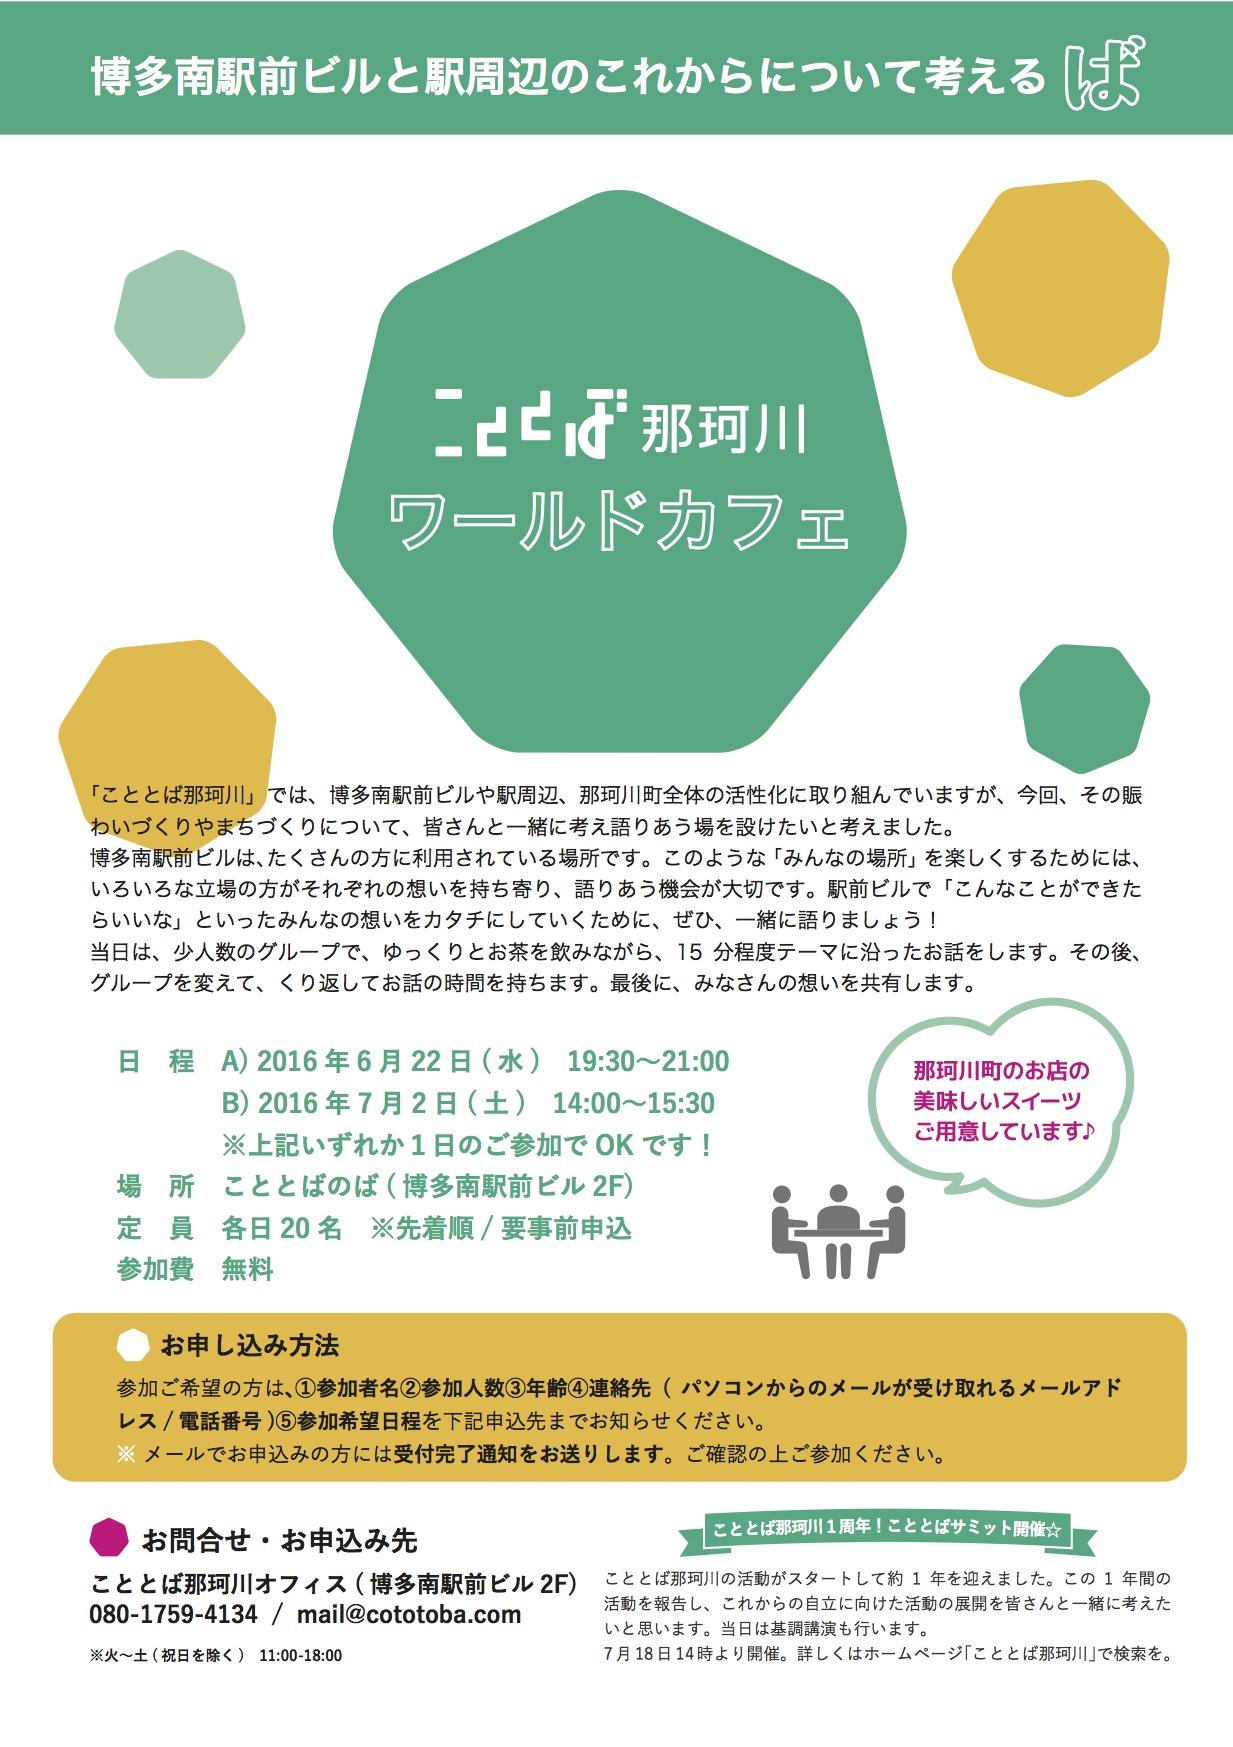 160622cototoba_worldcafe